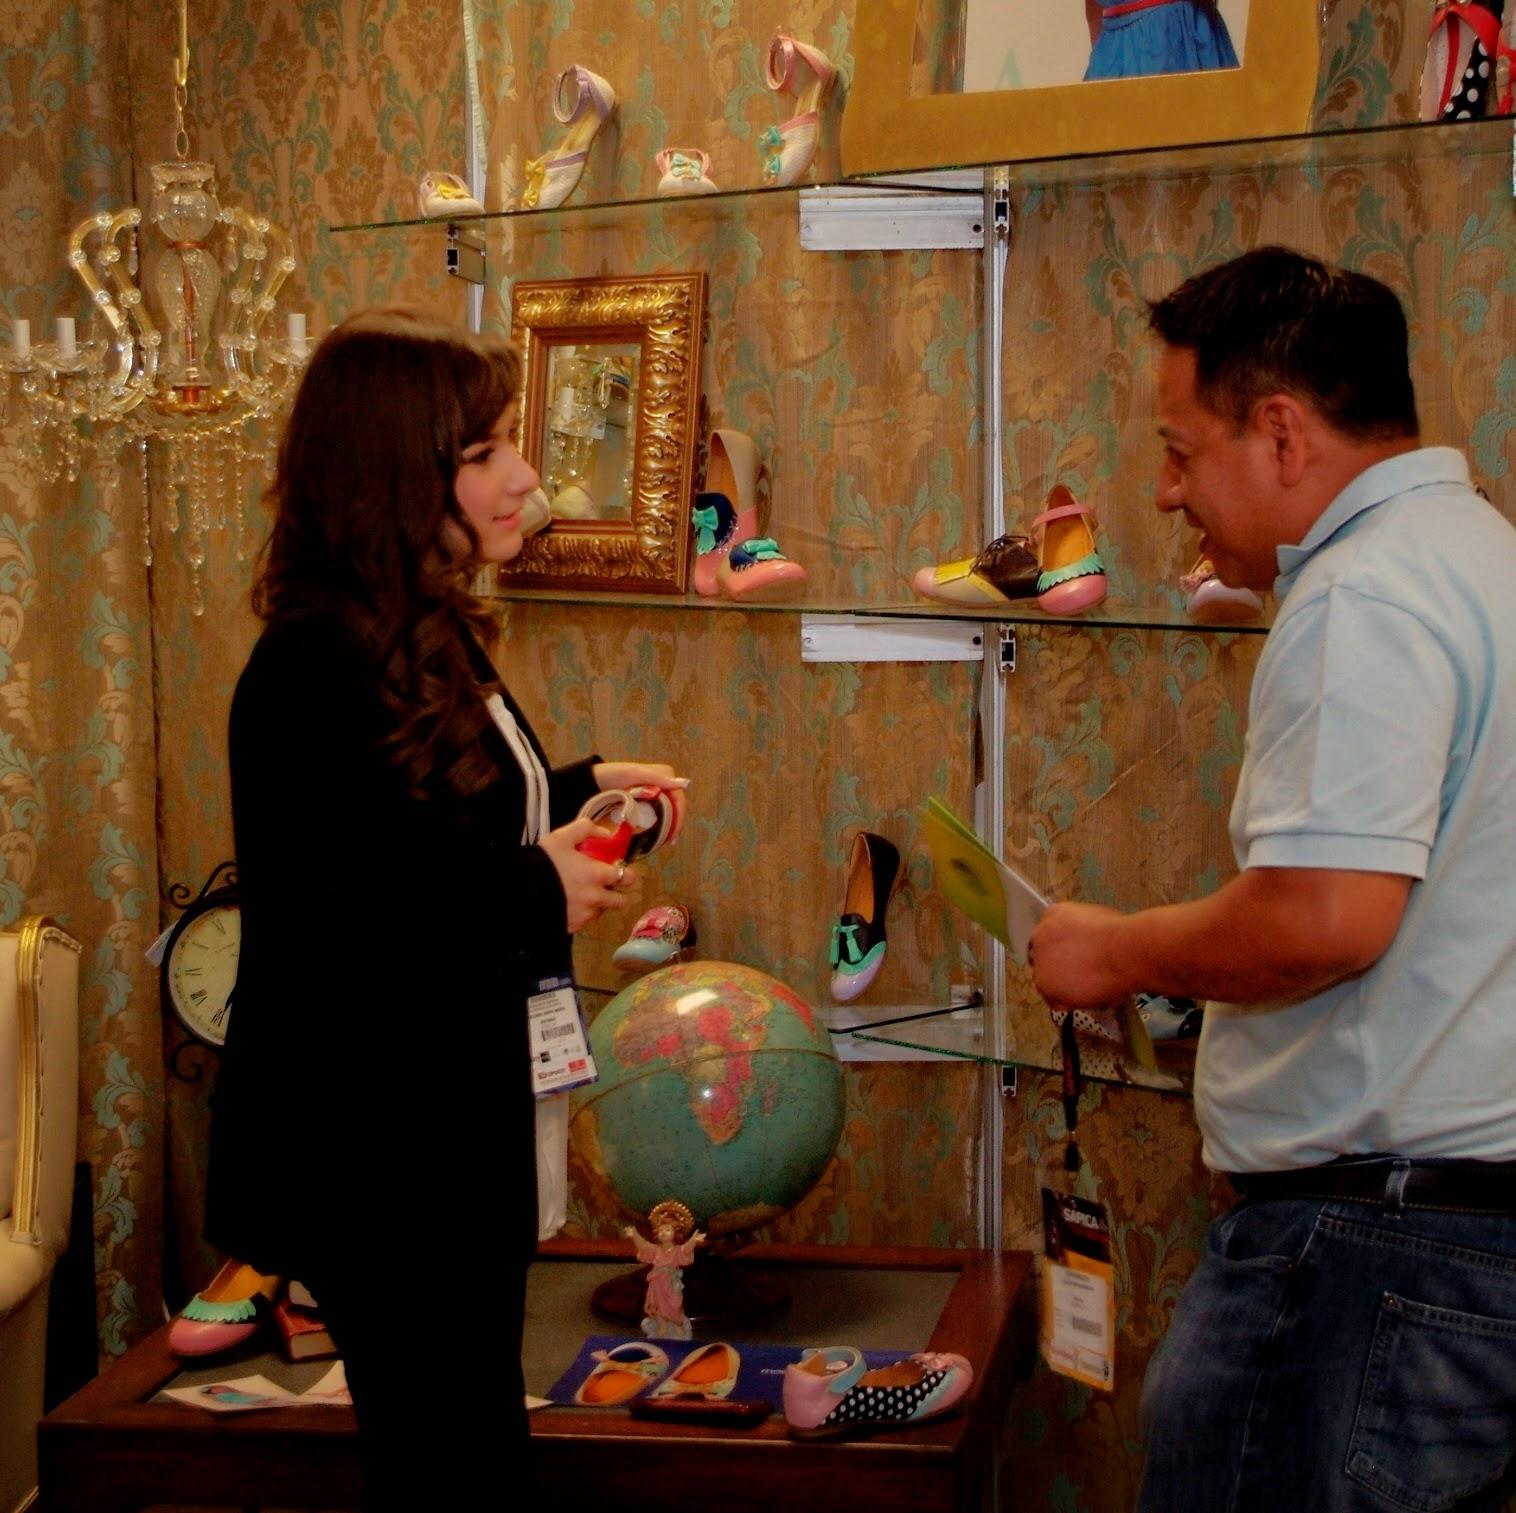 negocios en sapica, feria de calzado, diseño de calzado, zapatos dama, calzado dama, alta moda, escaparate, calzado mexicano.